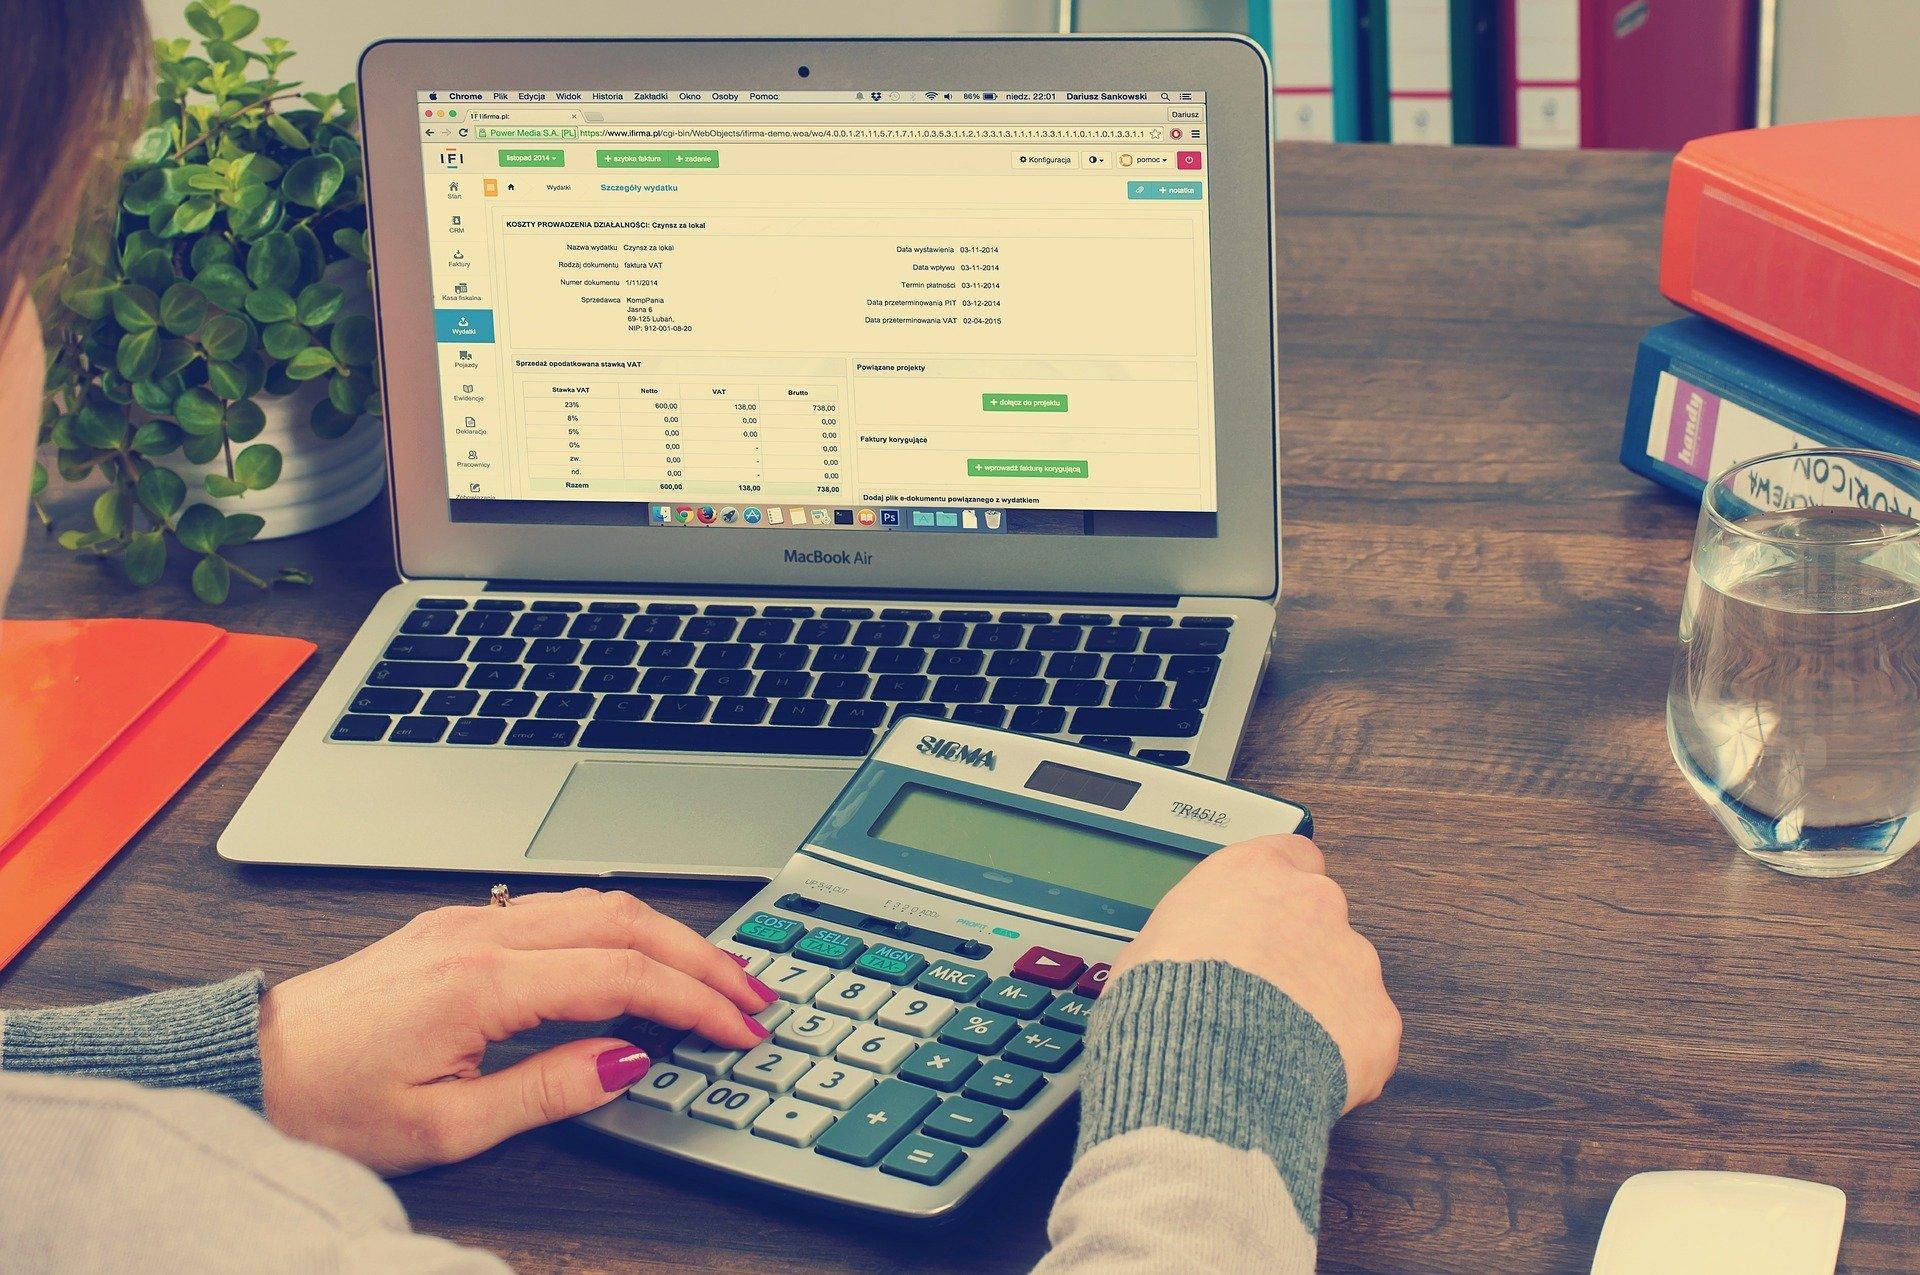 Bild Taschenrechner und Laptop, Quelle: Bild von William Iven auf Pixabay